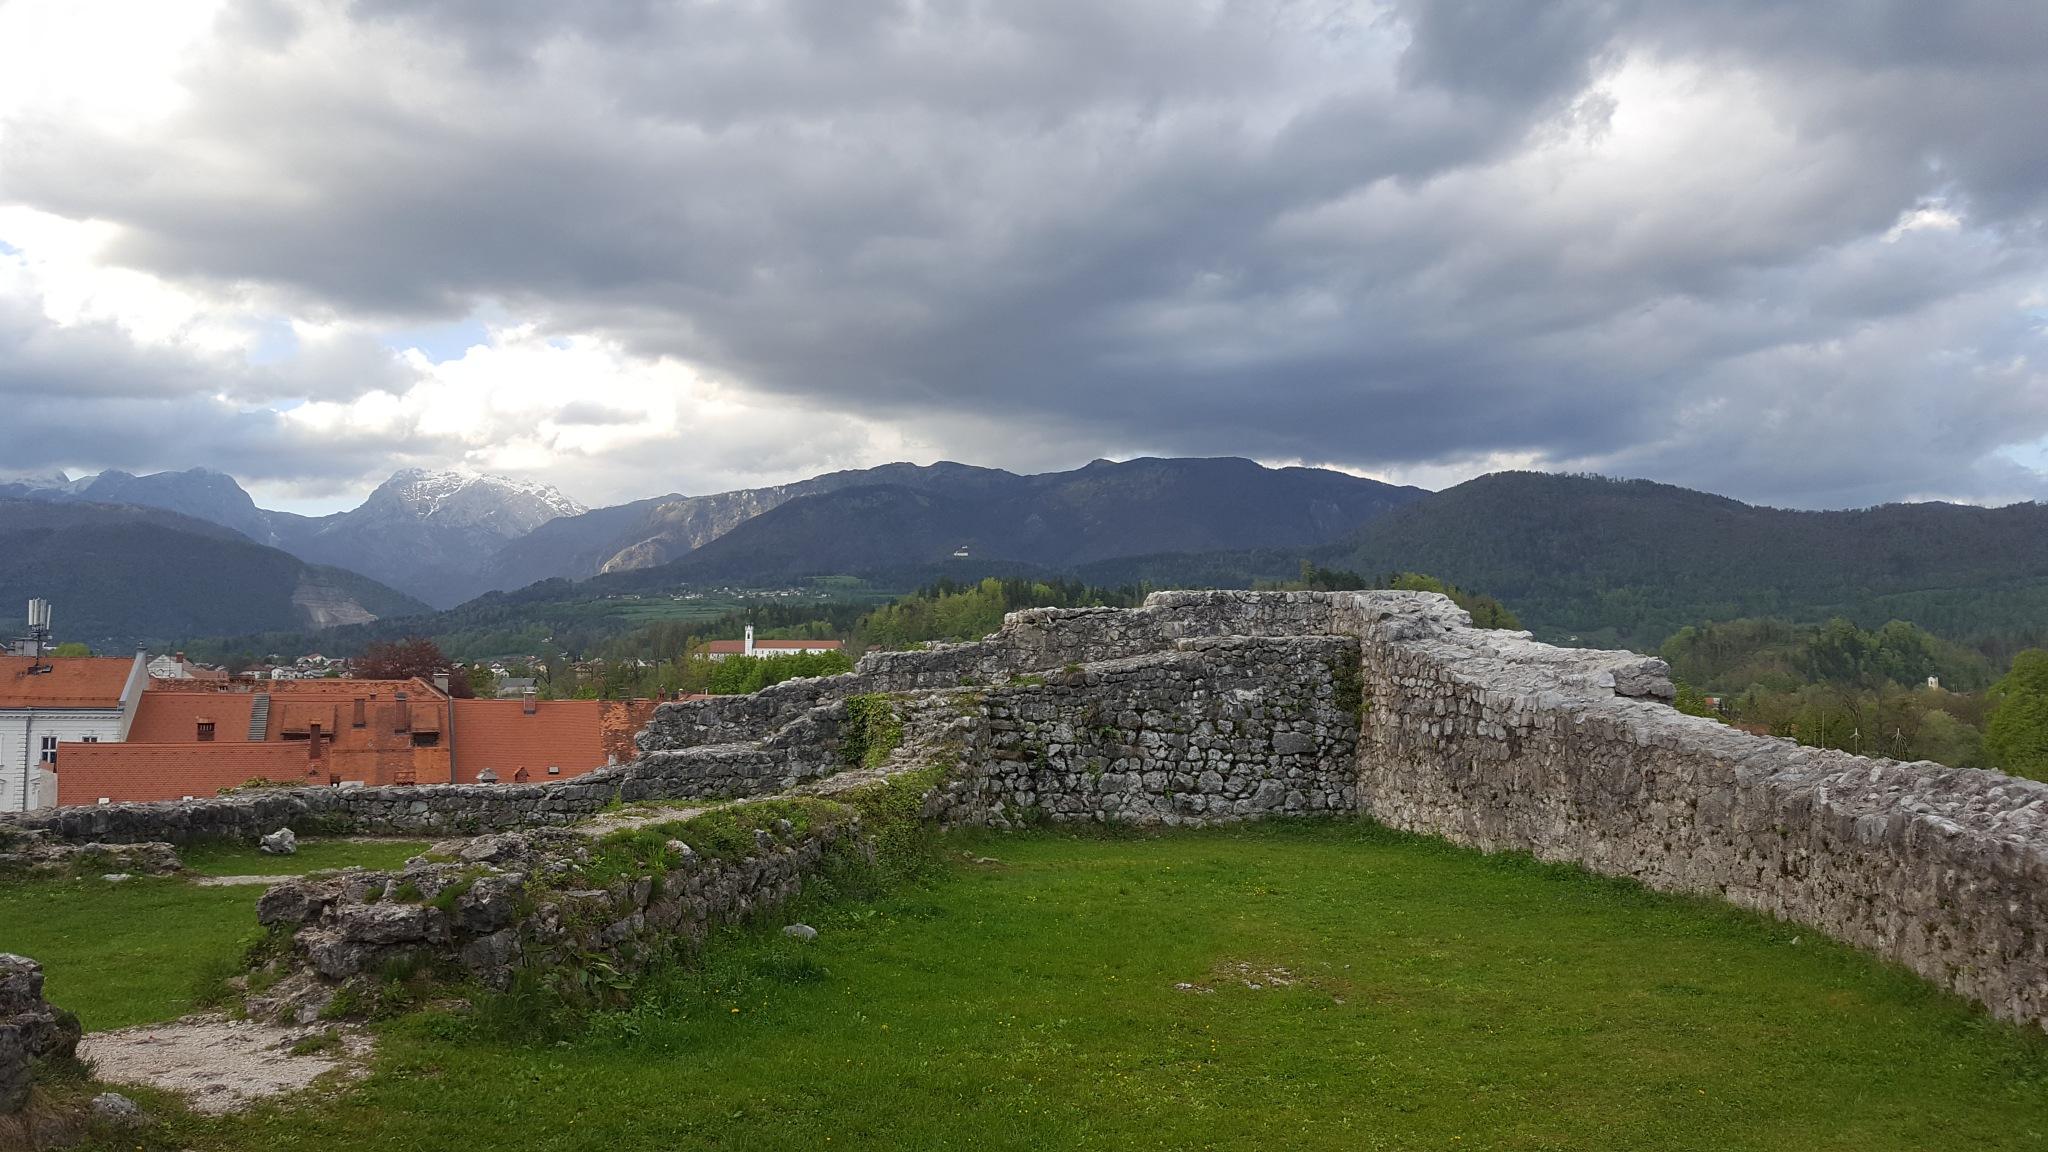 Kamnik (Mali grad) (Gorenjska) by zvnktomasevic